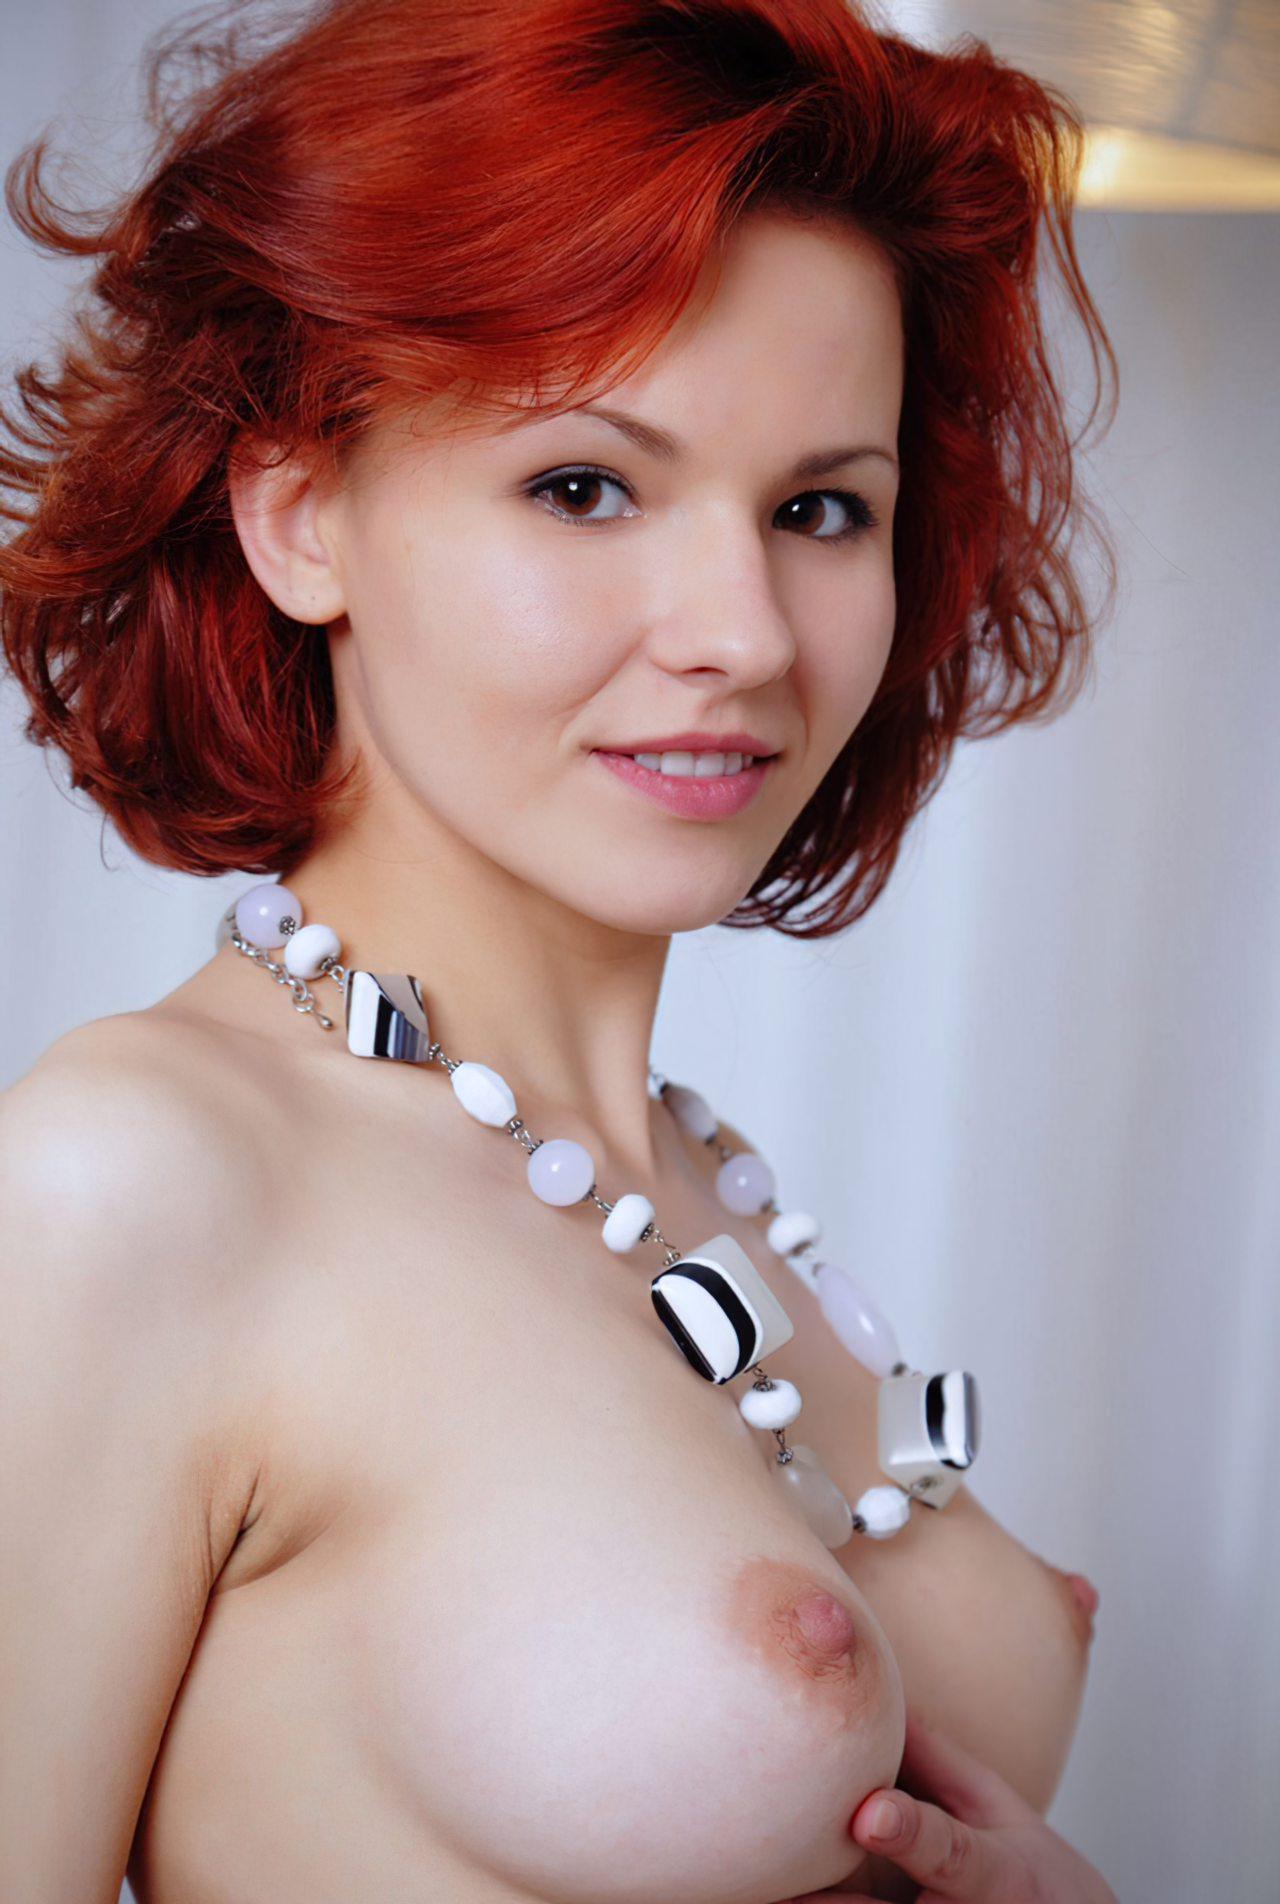 Mulheres Sensuais (50)